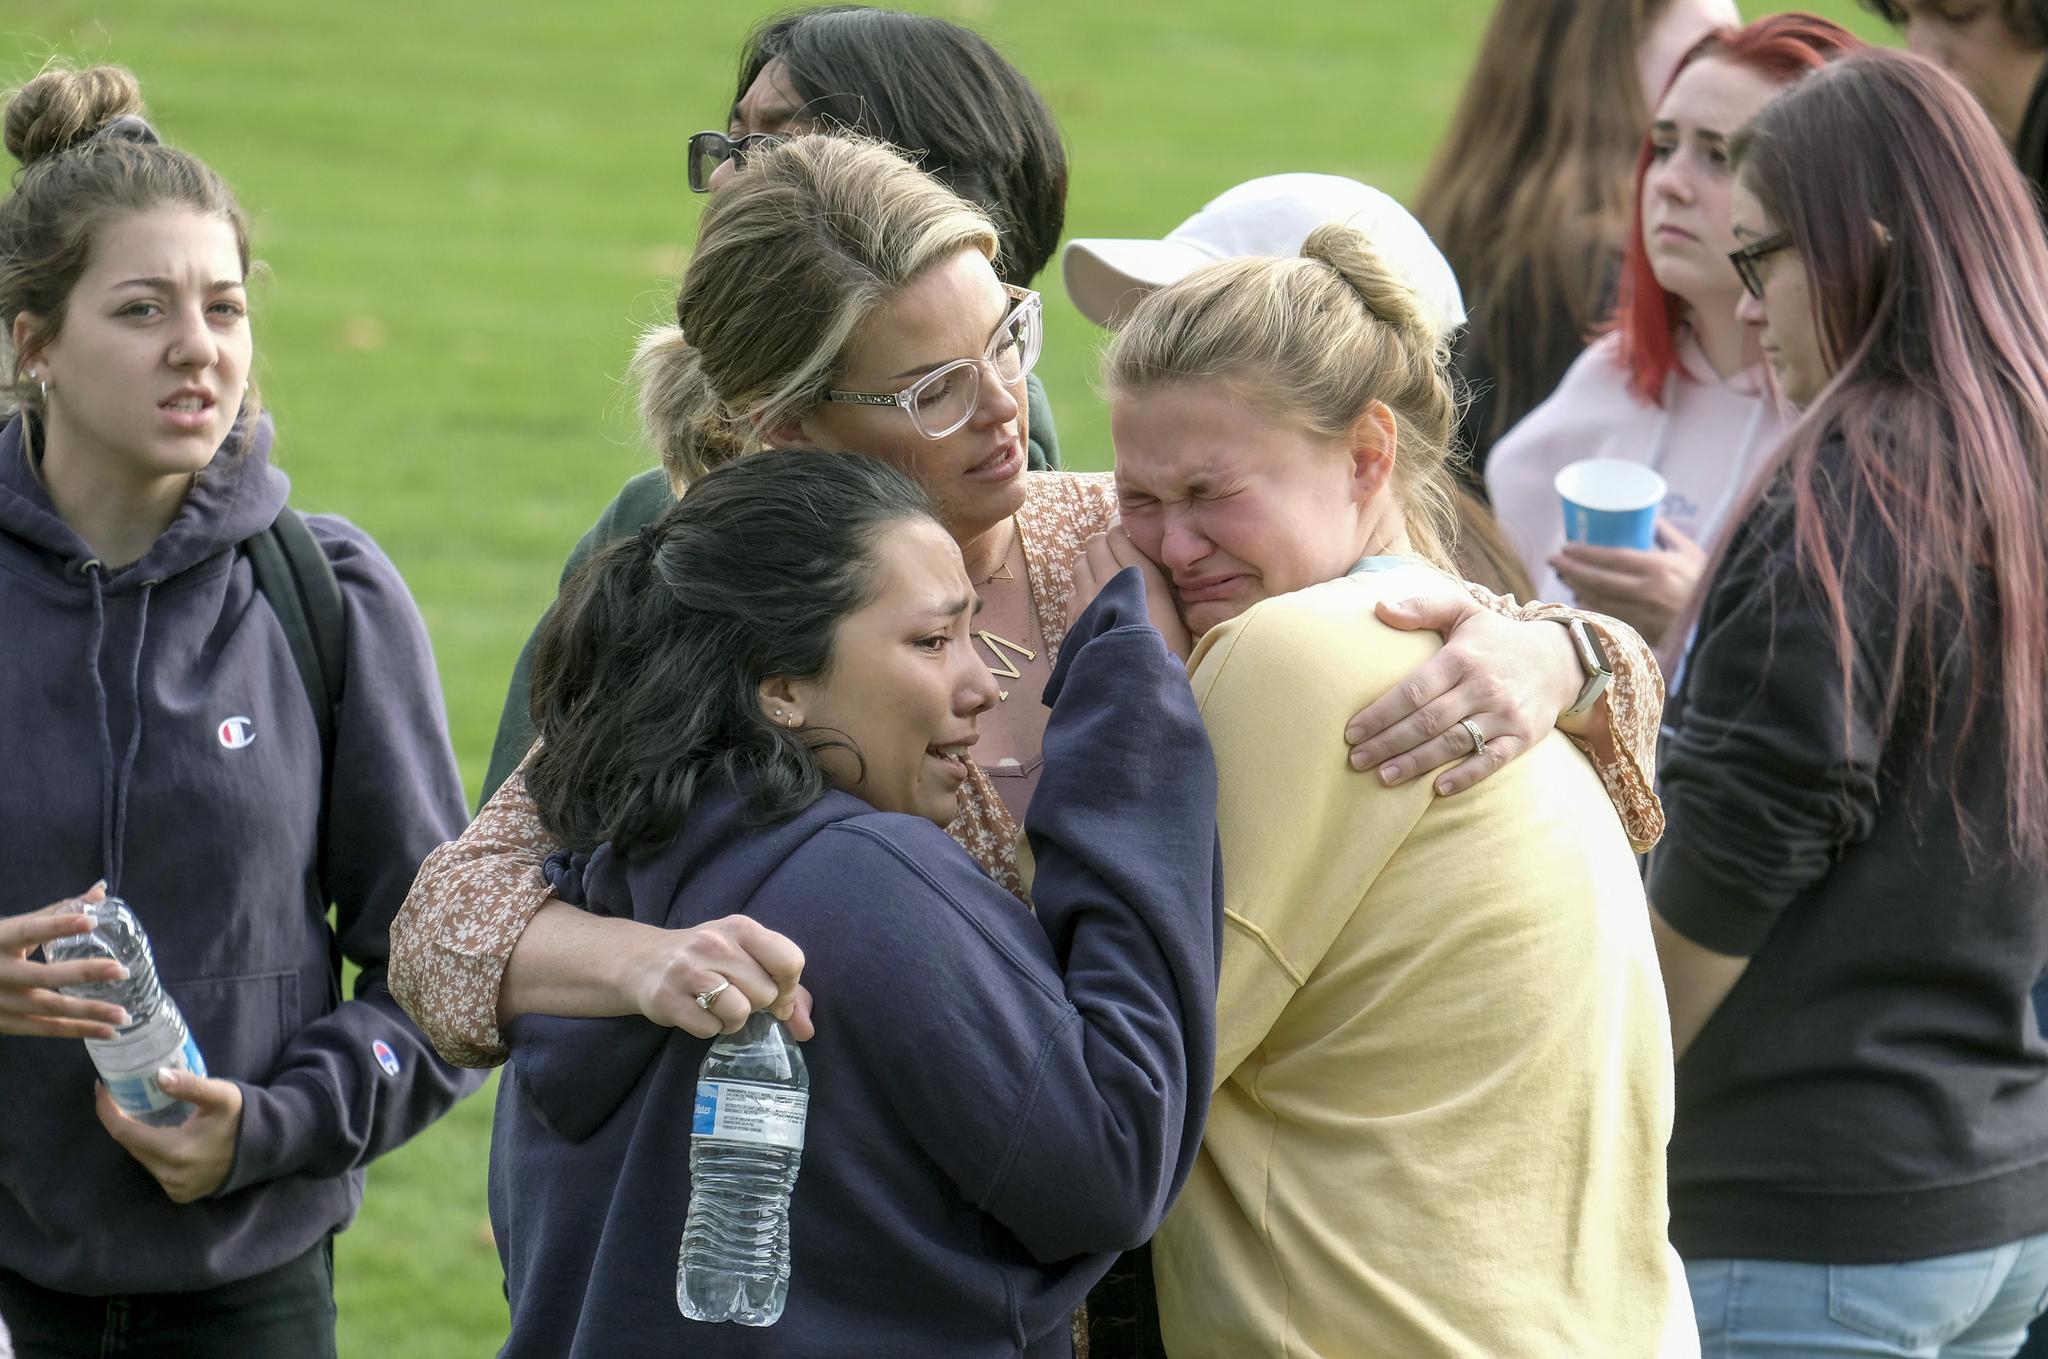 14일(현지시간) 미국 캘리포니아주 로스앤젤레스(LA) 북서쪽 도시인 샌타클라리타의 소거스고등학교에서 총기난사 사건이 발생했다. 소거스고등학교 학생이 가족과 만나며 울음을 터뜨리고 있다. [AP=연합뉴스]